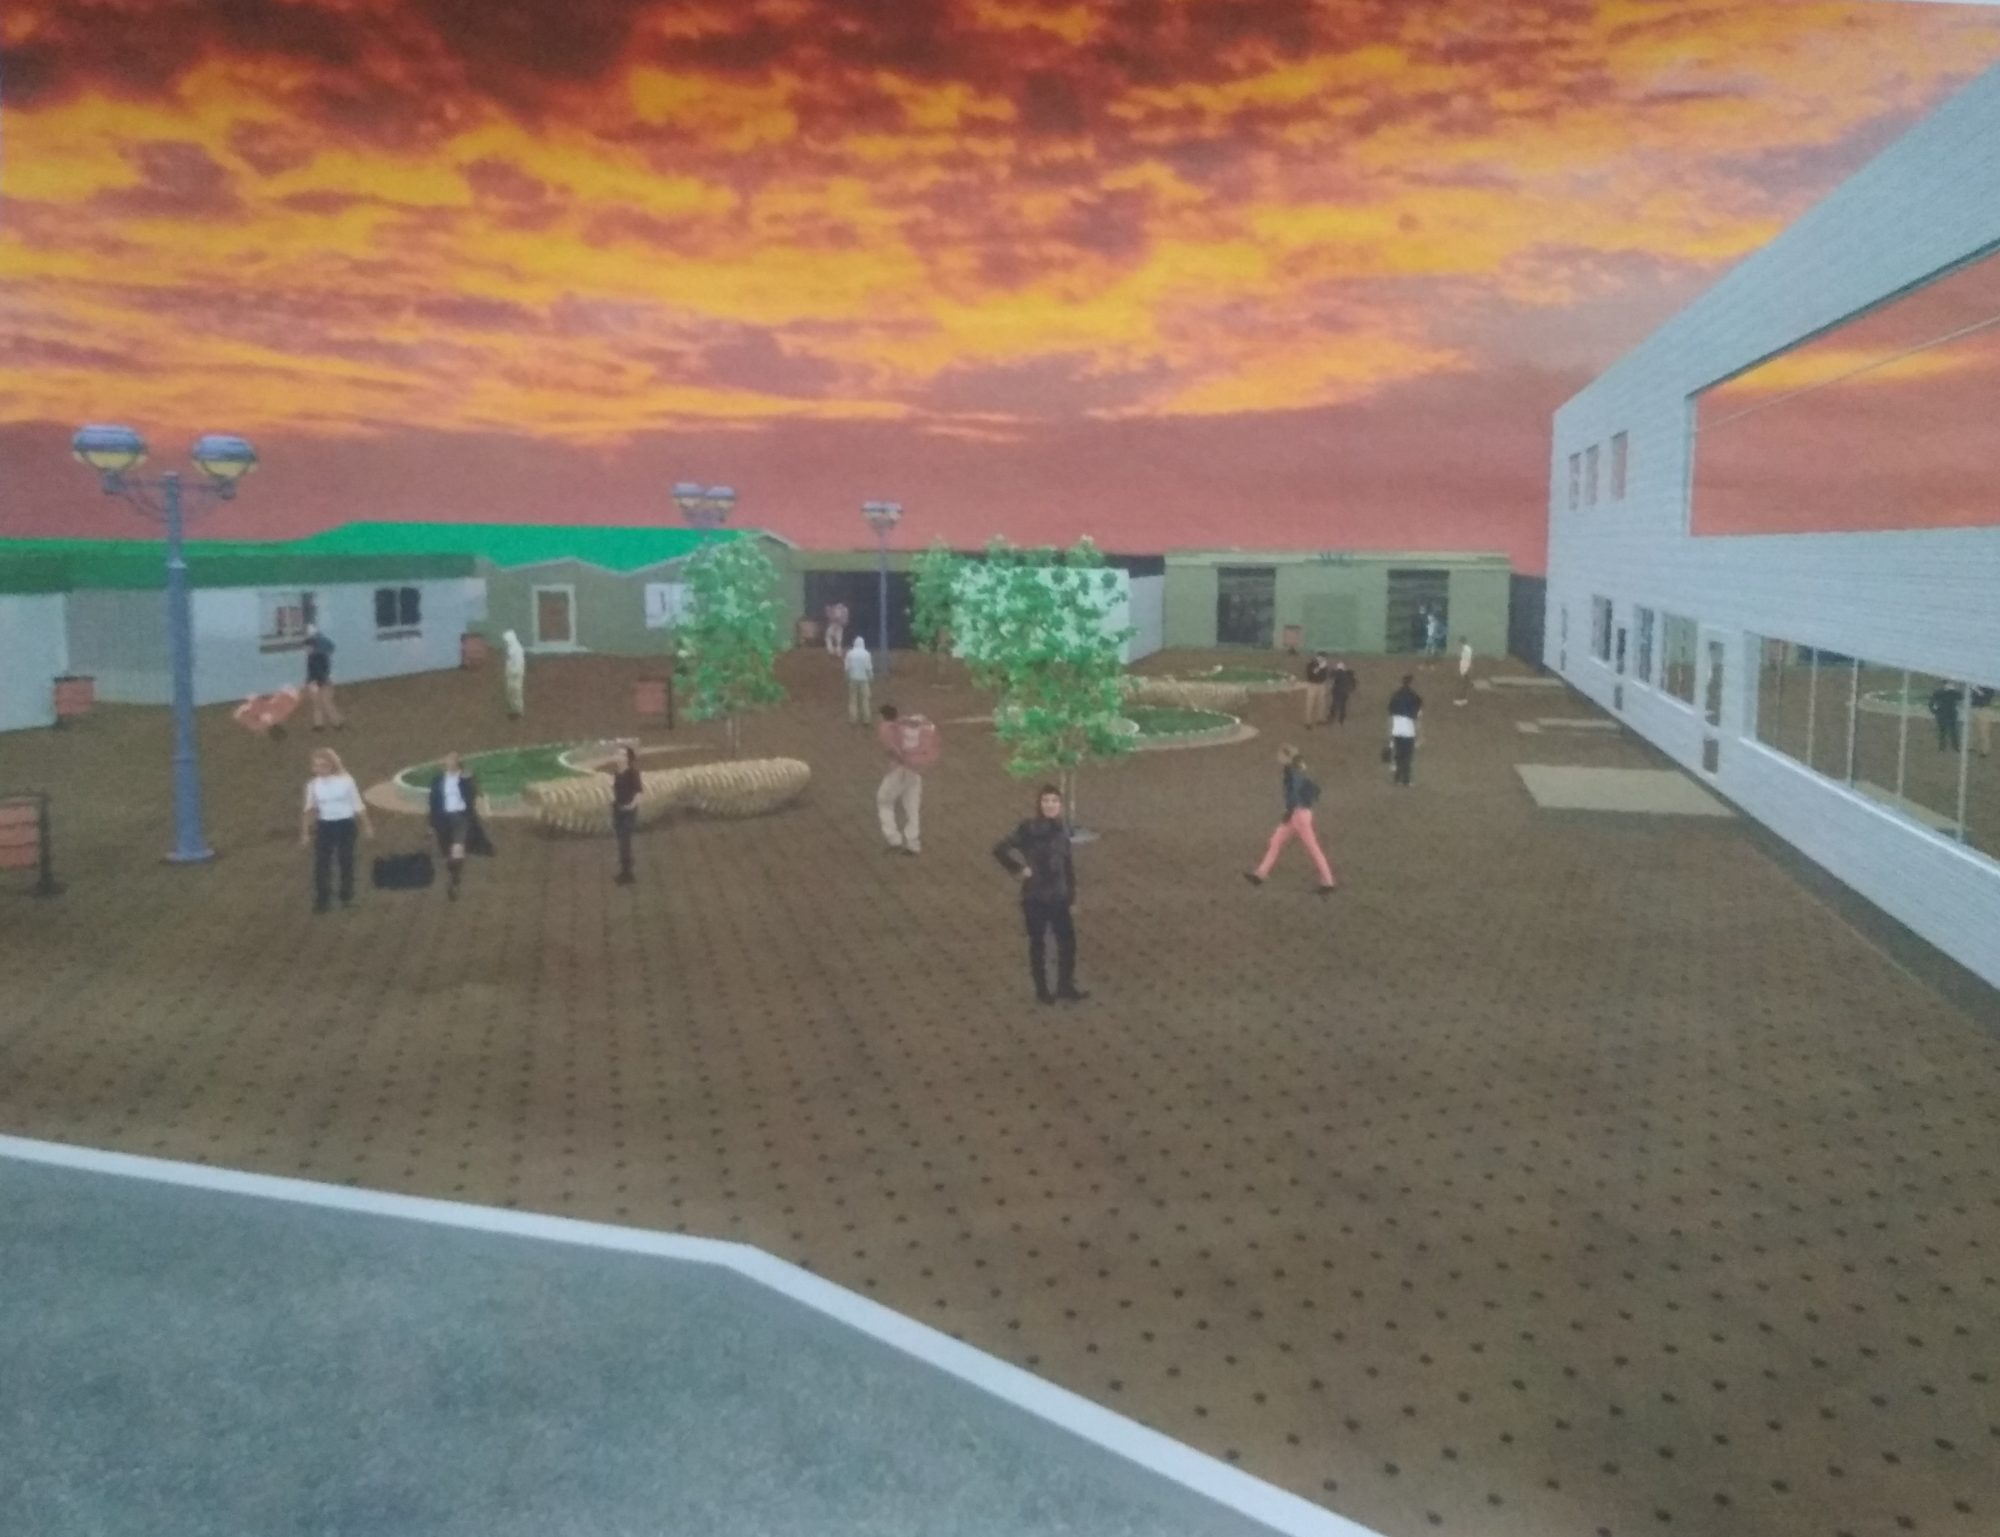 Реконструкція Завокзальної площі Фастова: фастівчанам показали проект площі - Фастів, реконструкція - IMG 20190807 161956 2000x1537